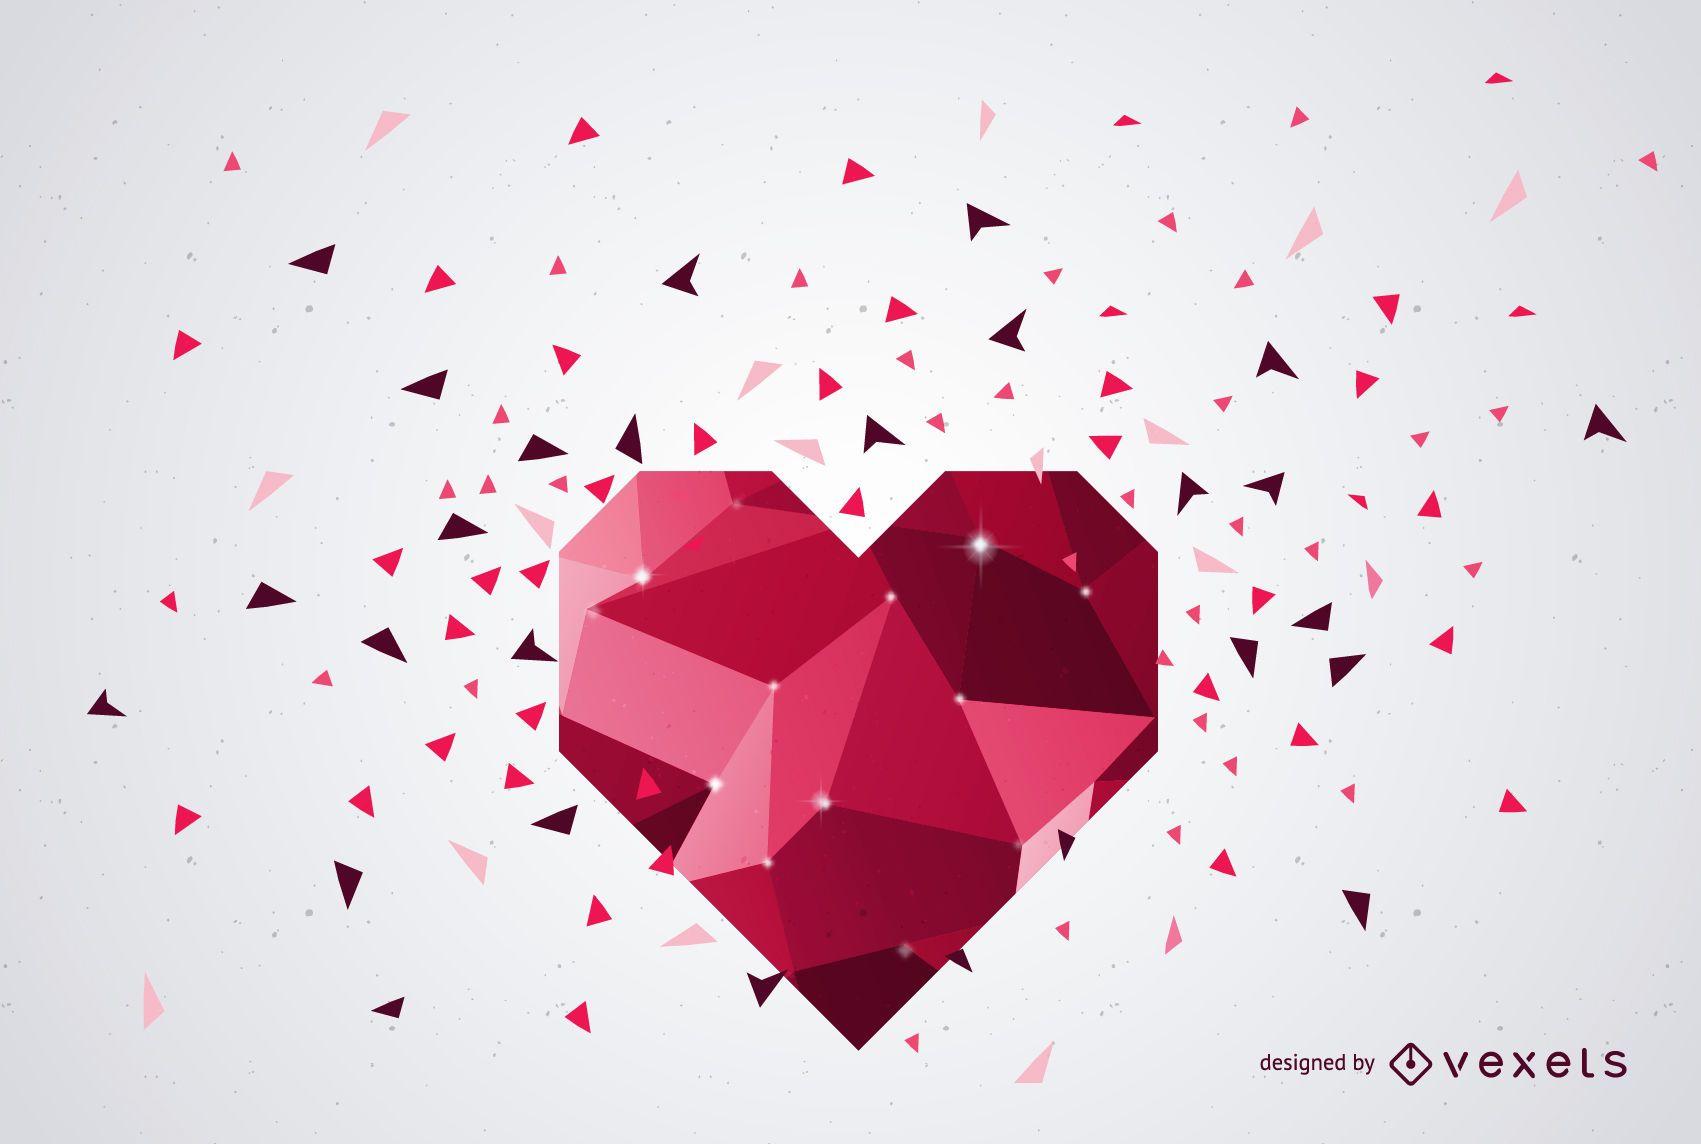 Diamond Texture Red Valentine Background